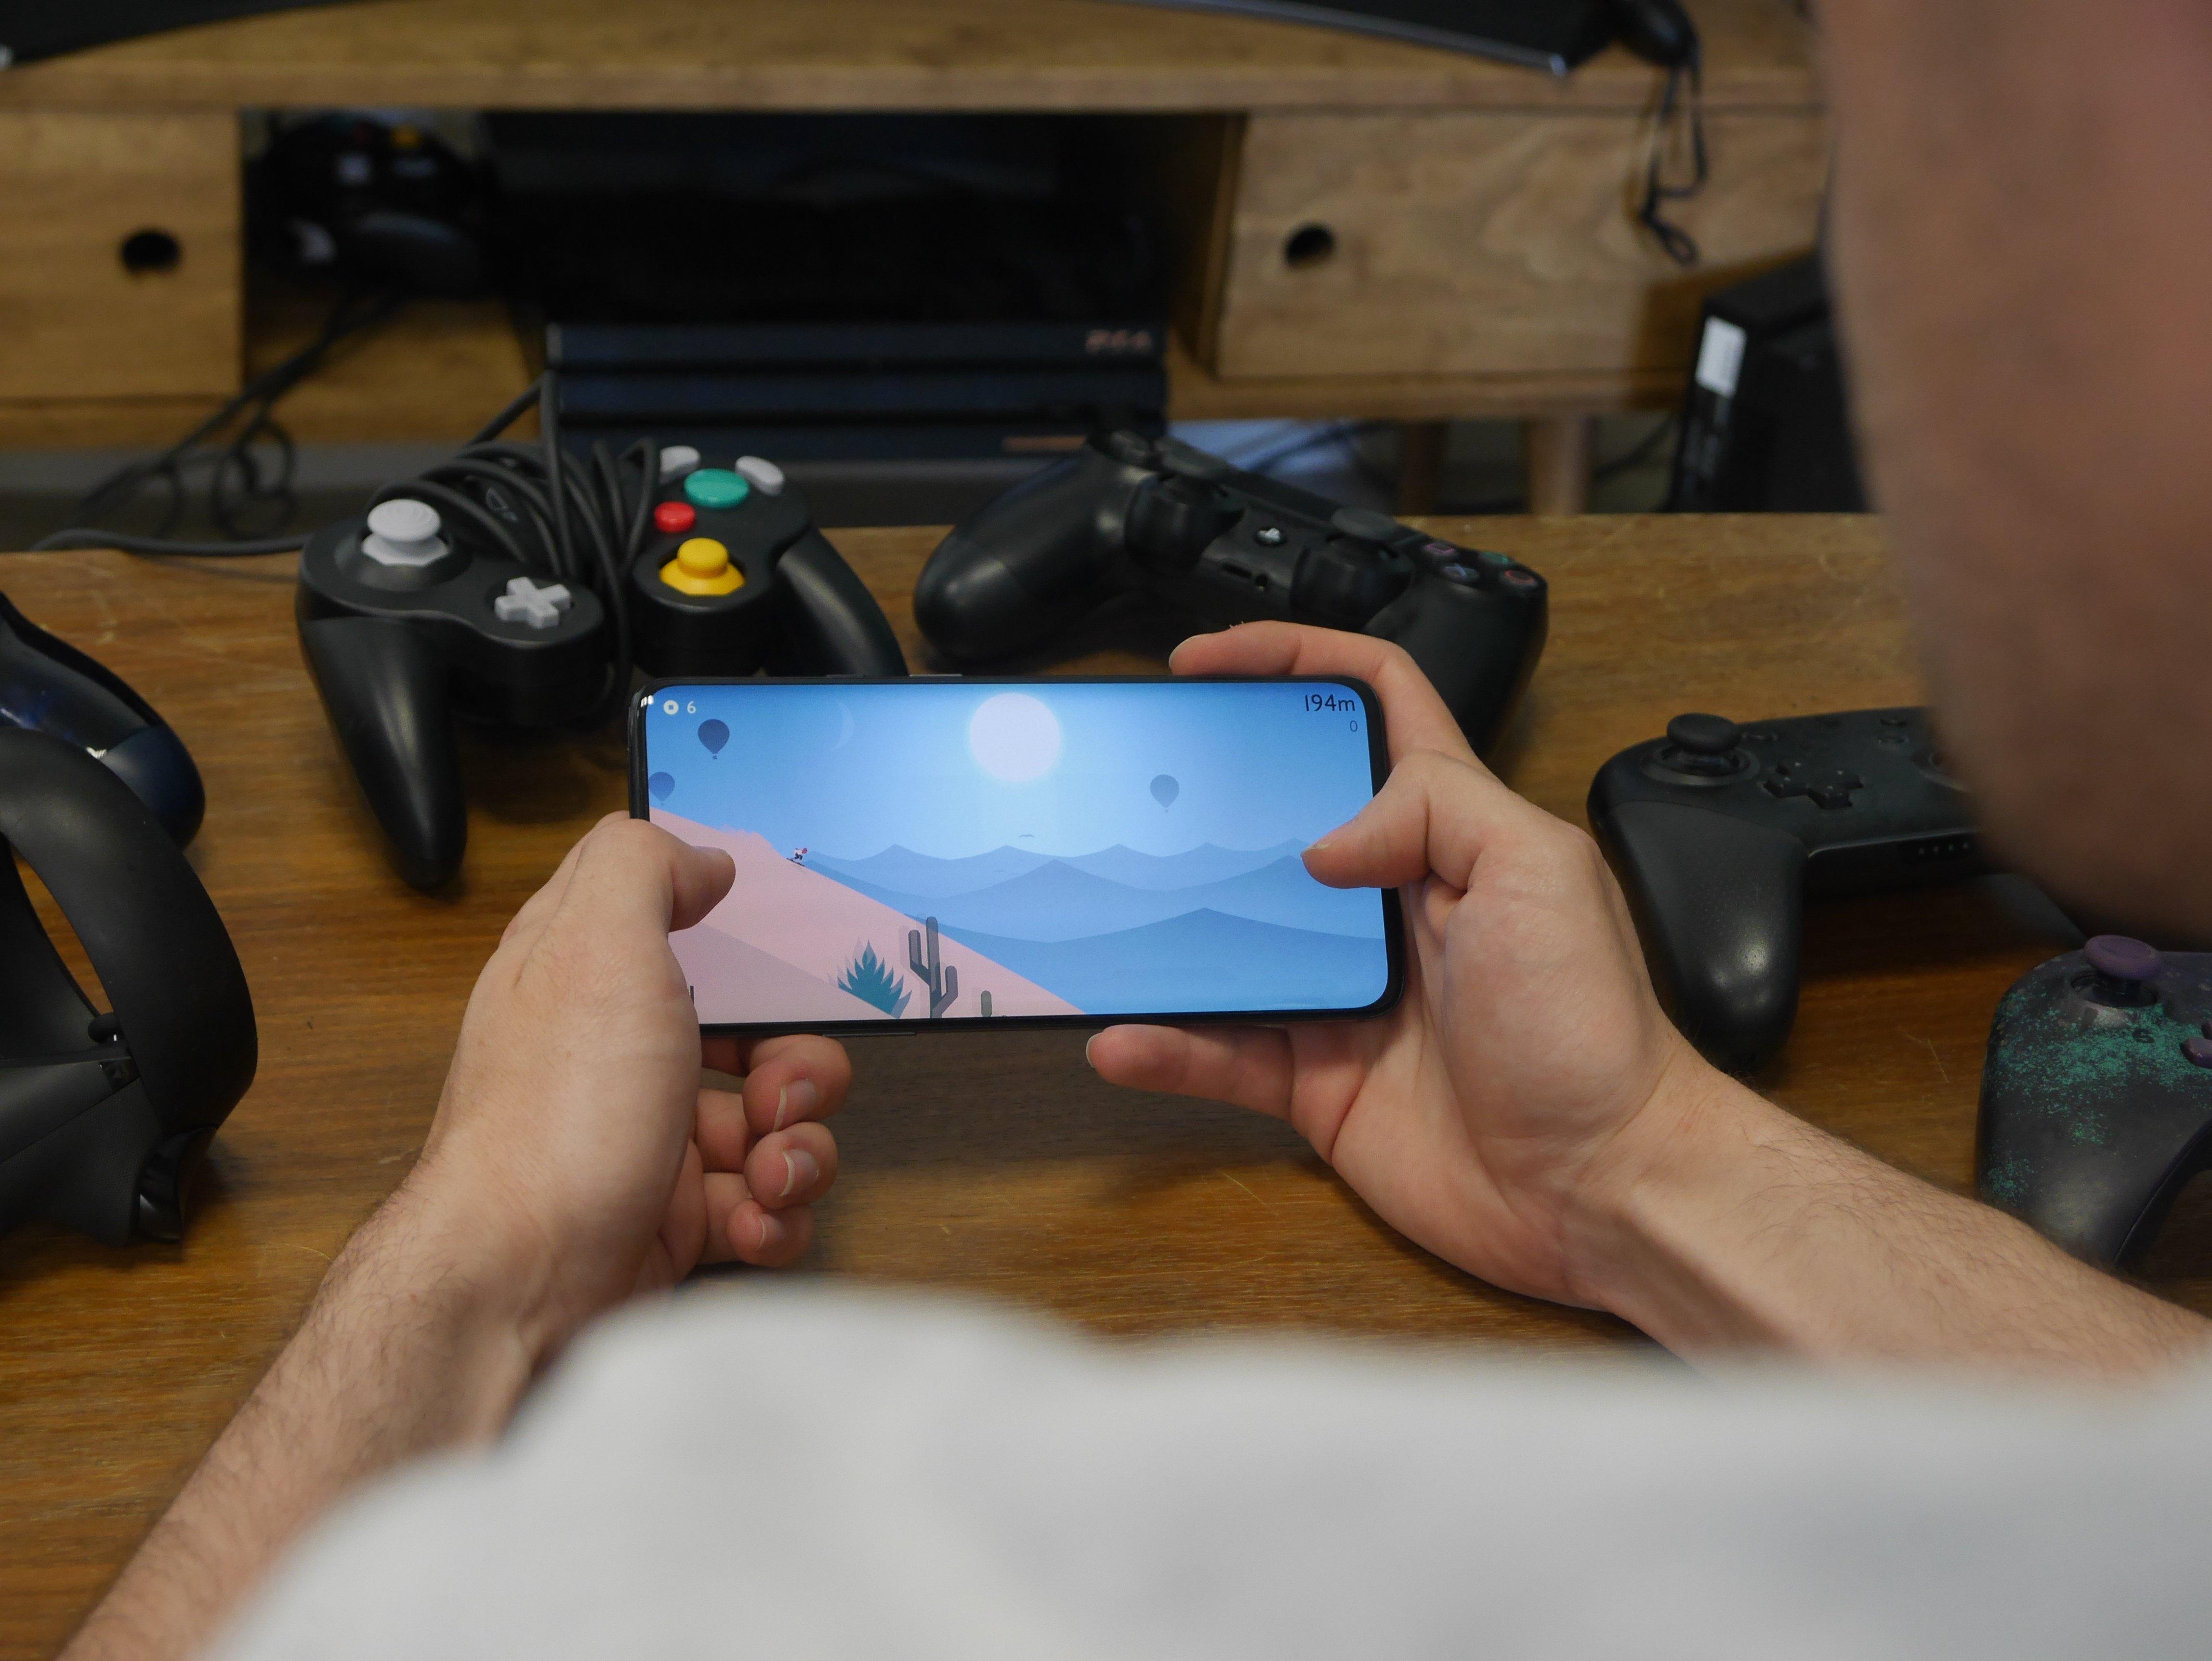 Les Meilleurs Jeux Gratuits Sur Android En 2020 avec Jeux Facile Pour Petit Gratuit